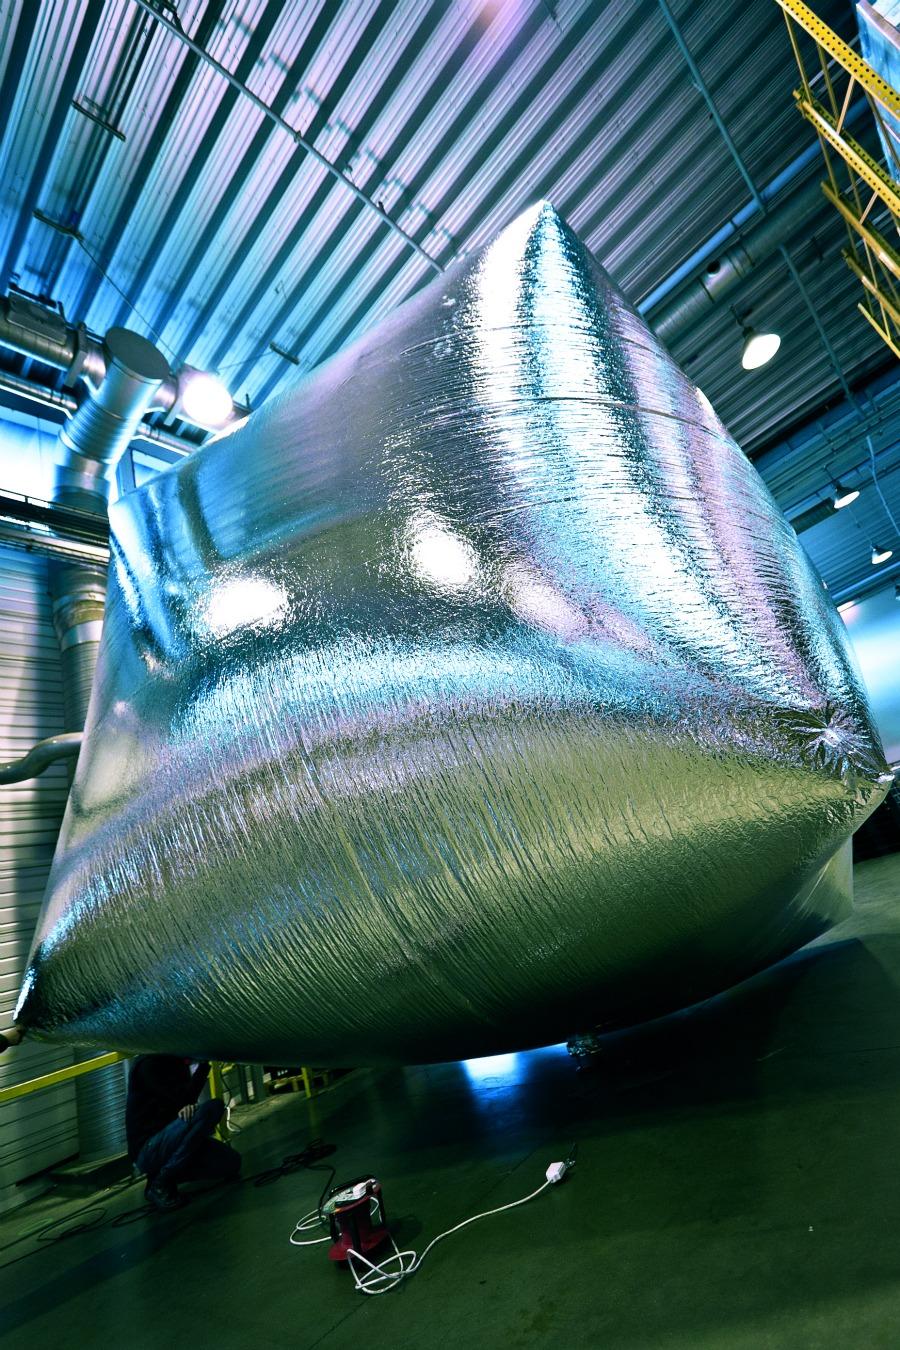 Une montgolfière alimentée en air chaud par un aspirateur Dyson Hot